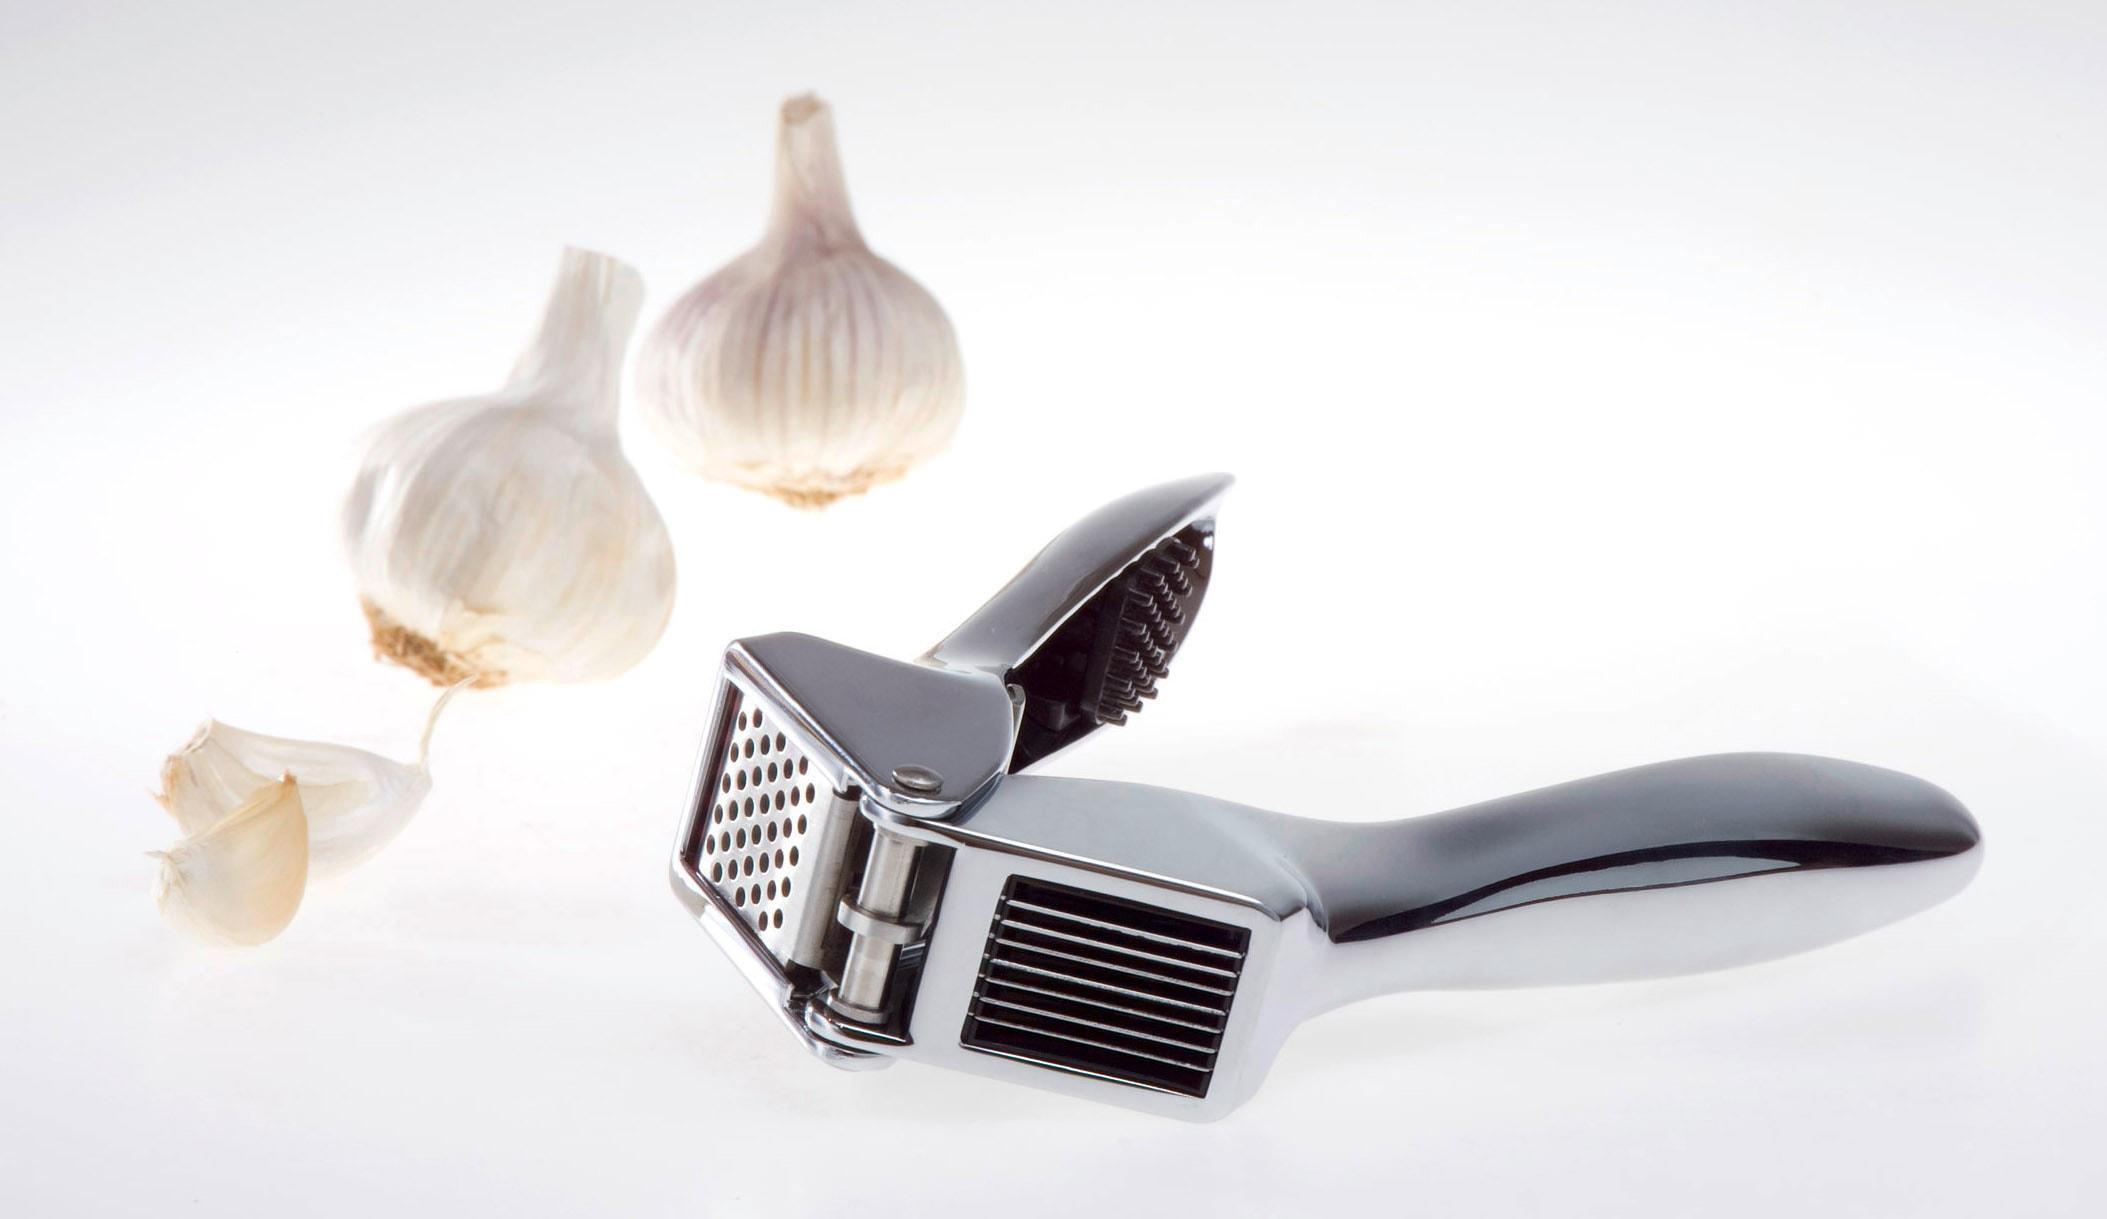 GSD HAUSHALTSGERÄTE Knoblauchpresse, mit 2 Funktionen silberfarben Knoblauchschneider und Knoblauchpressen Kochen Backen Haushaltswaren Knoblauchpresse